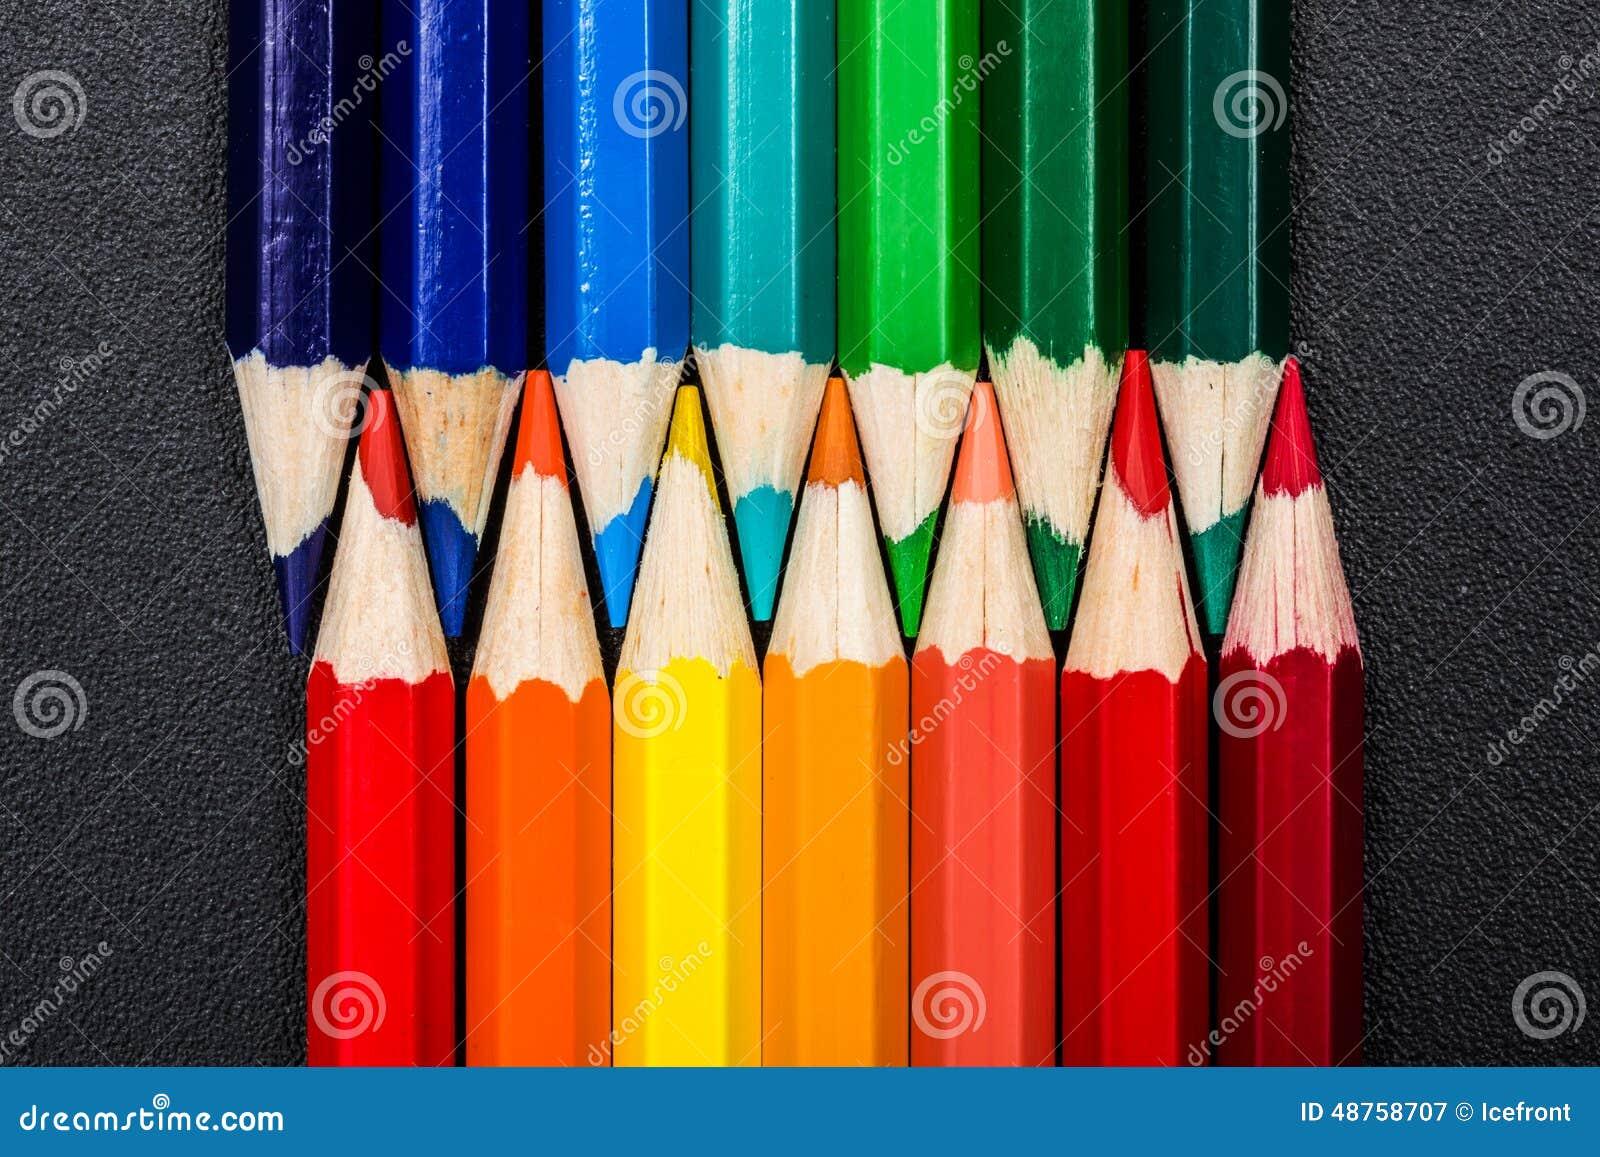 Warme und kalte Farben stellten sich mit bunten Bleistiften dar